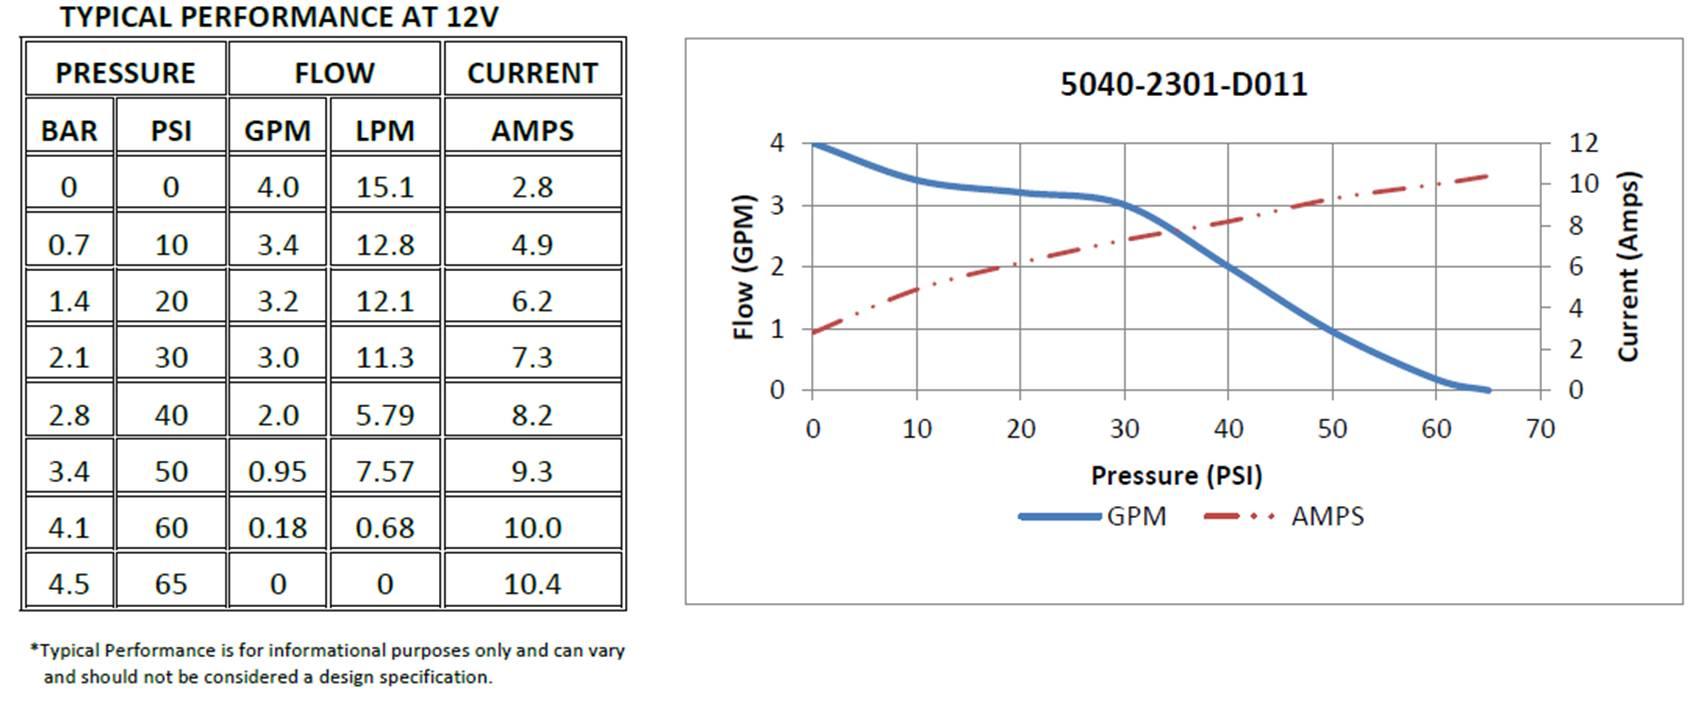 Pompe de surface Premium étanche SHURFLO 5040-2301-D011 (12V - 15,1L/min)